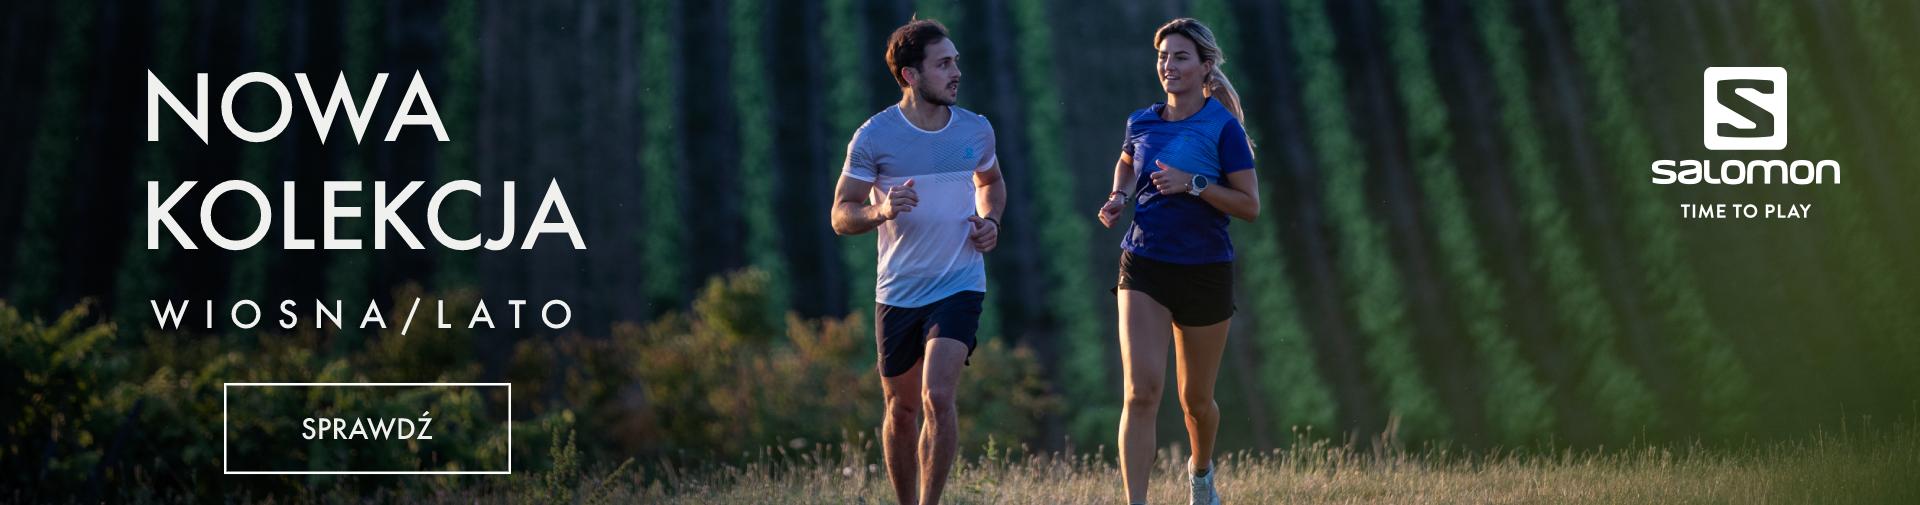 Nowa kolekcja odzieży do biegania od marki Salomon. Kolekcja wiosna-lato